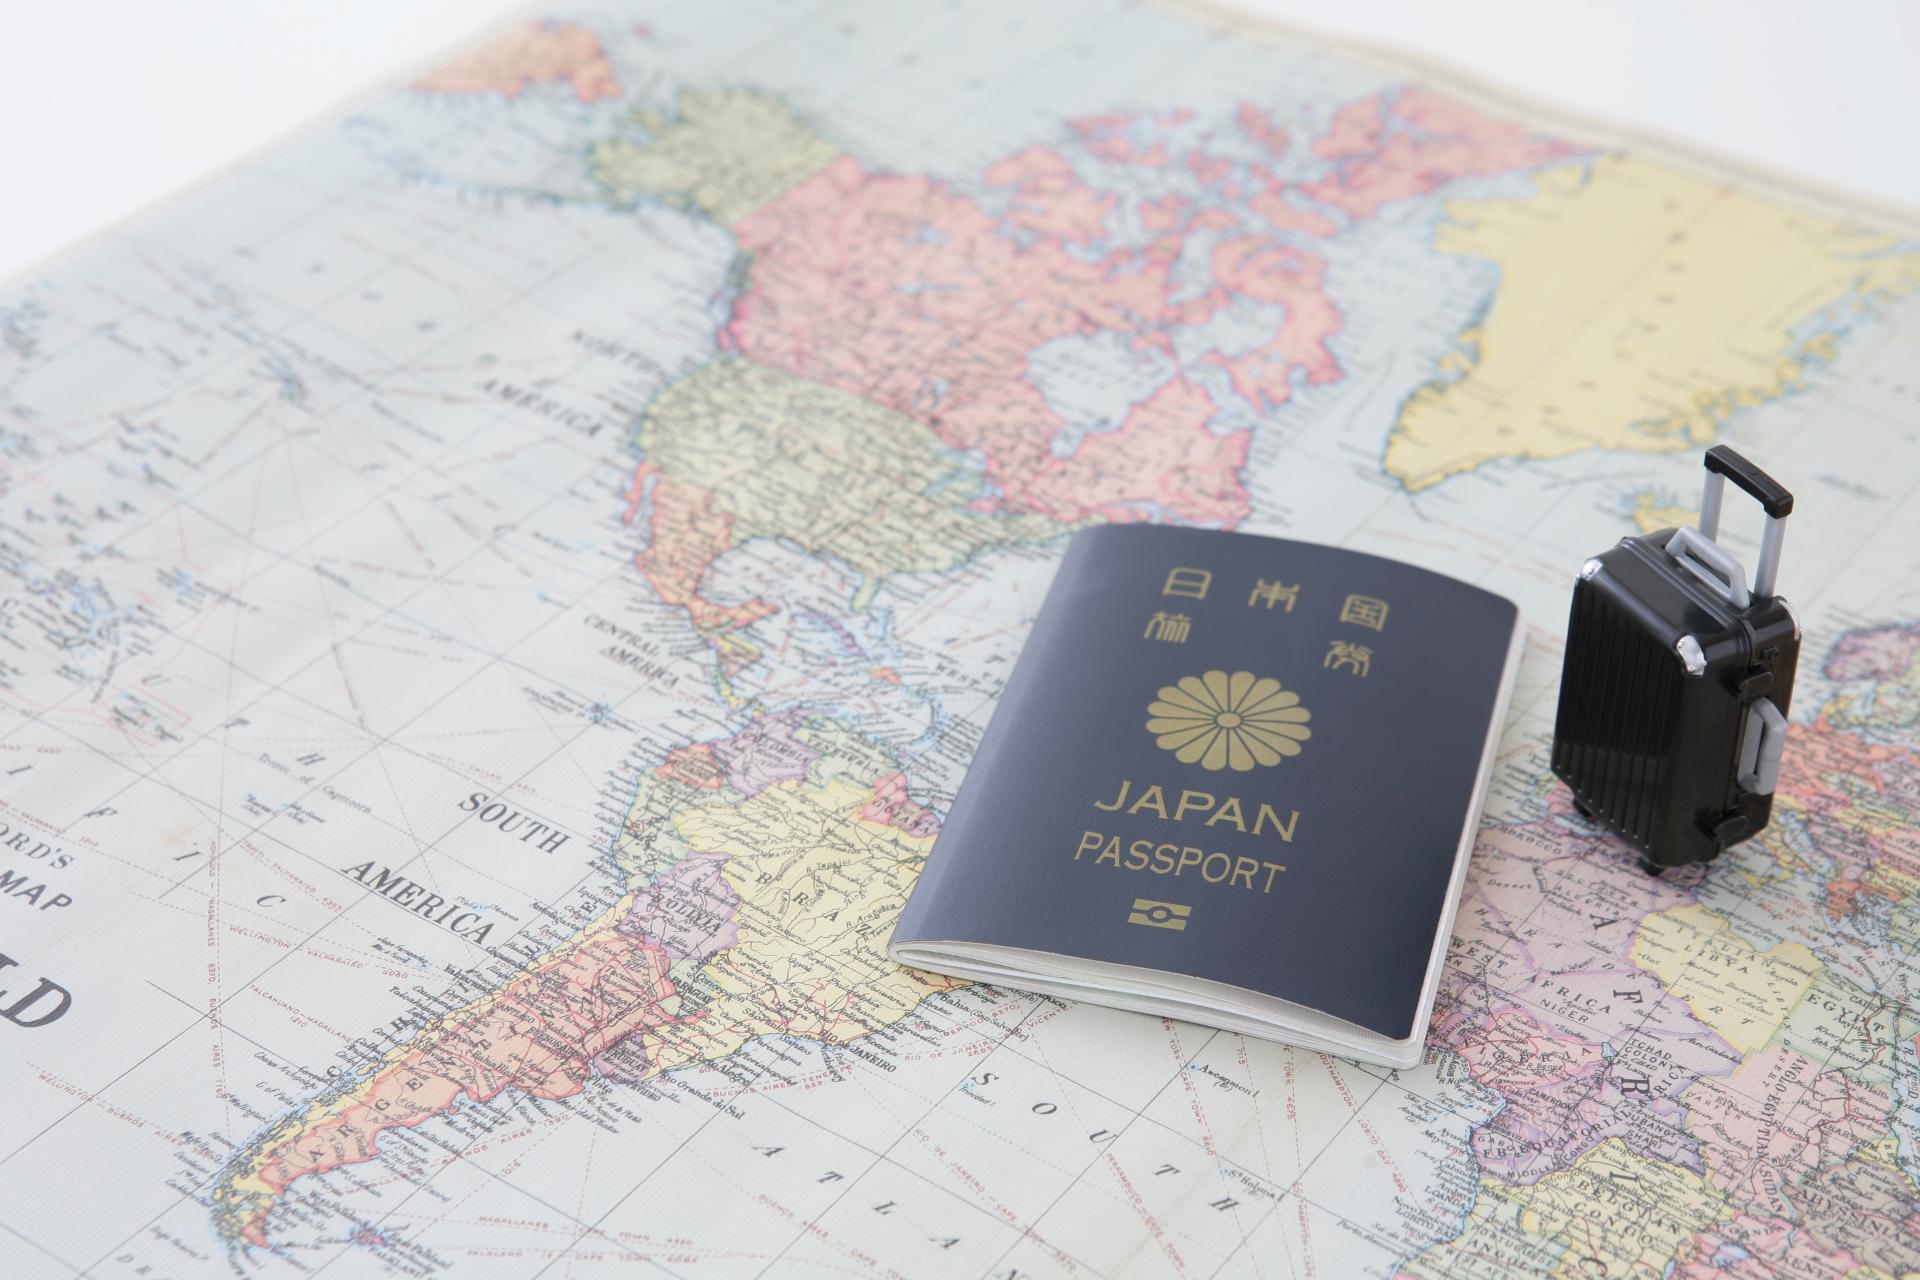 旅行代理店がきつい理由とは?限界を感じたら転職も視野に考えよう。